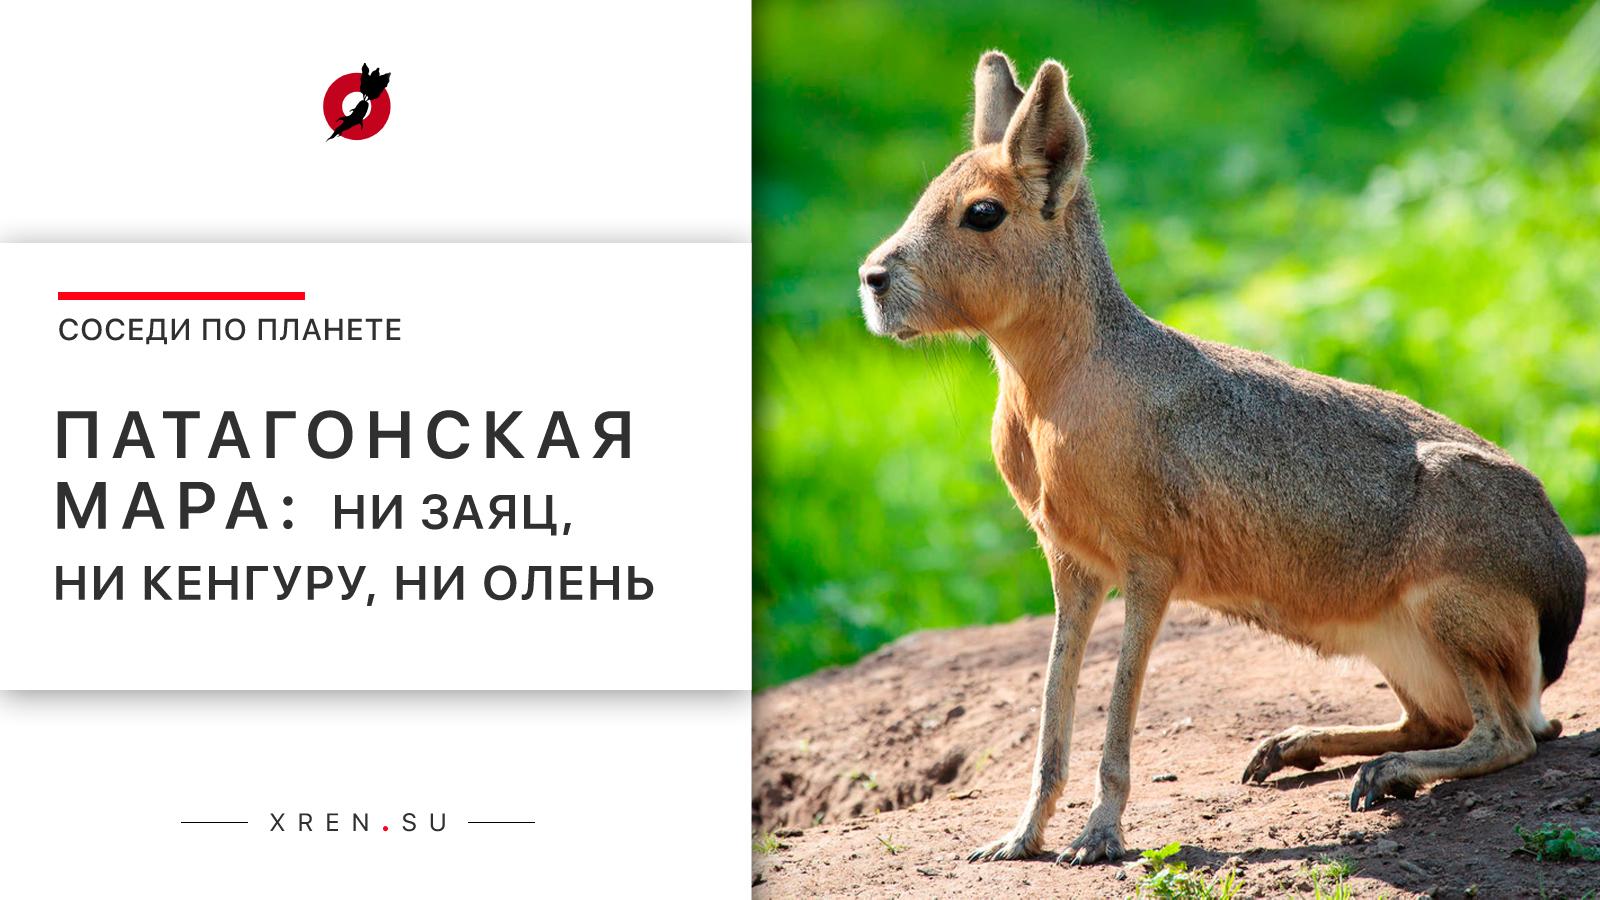 Патагонская мара: ни заяц, ни кенгуру, ни олень.